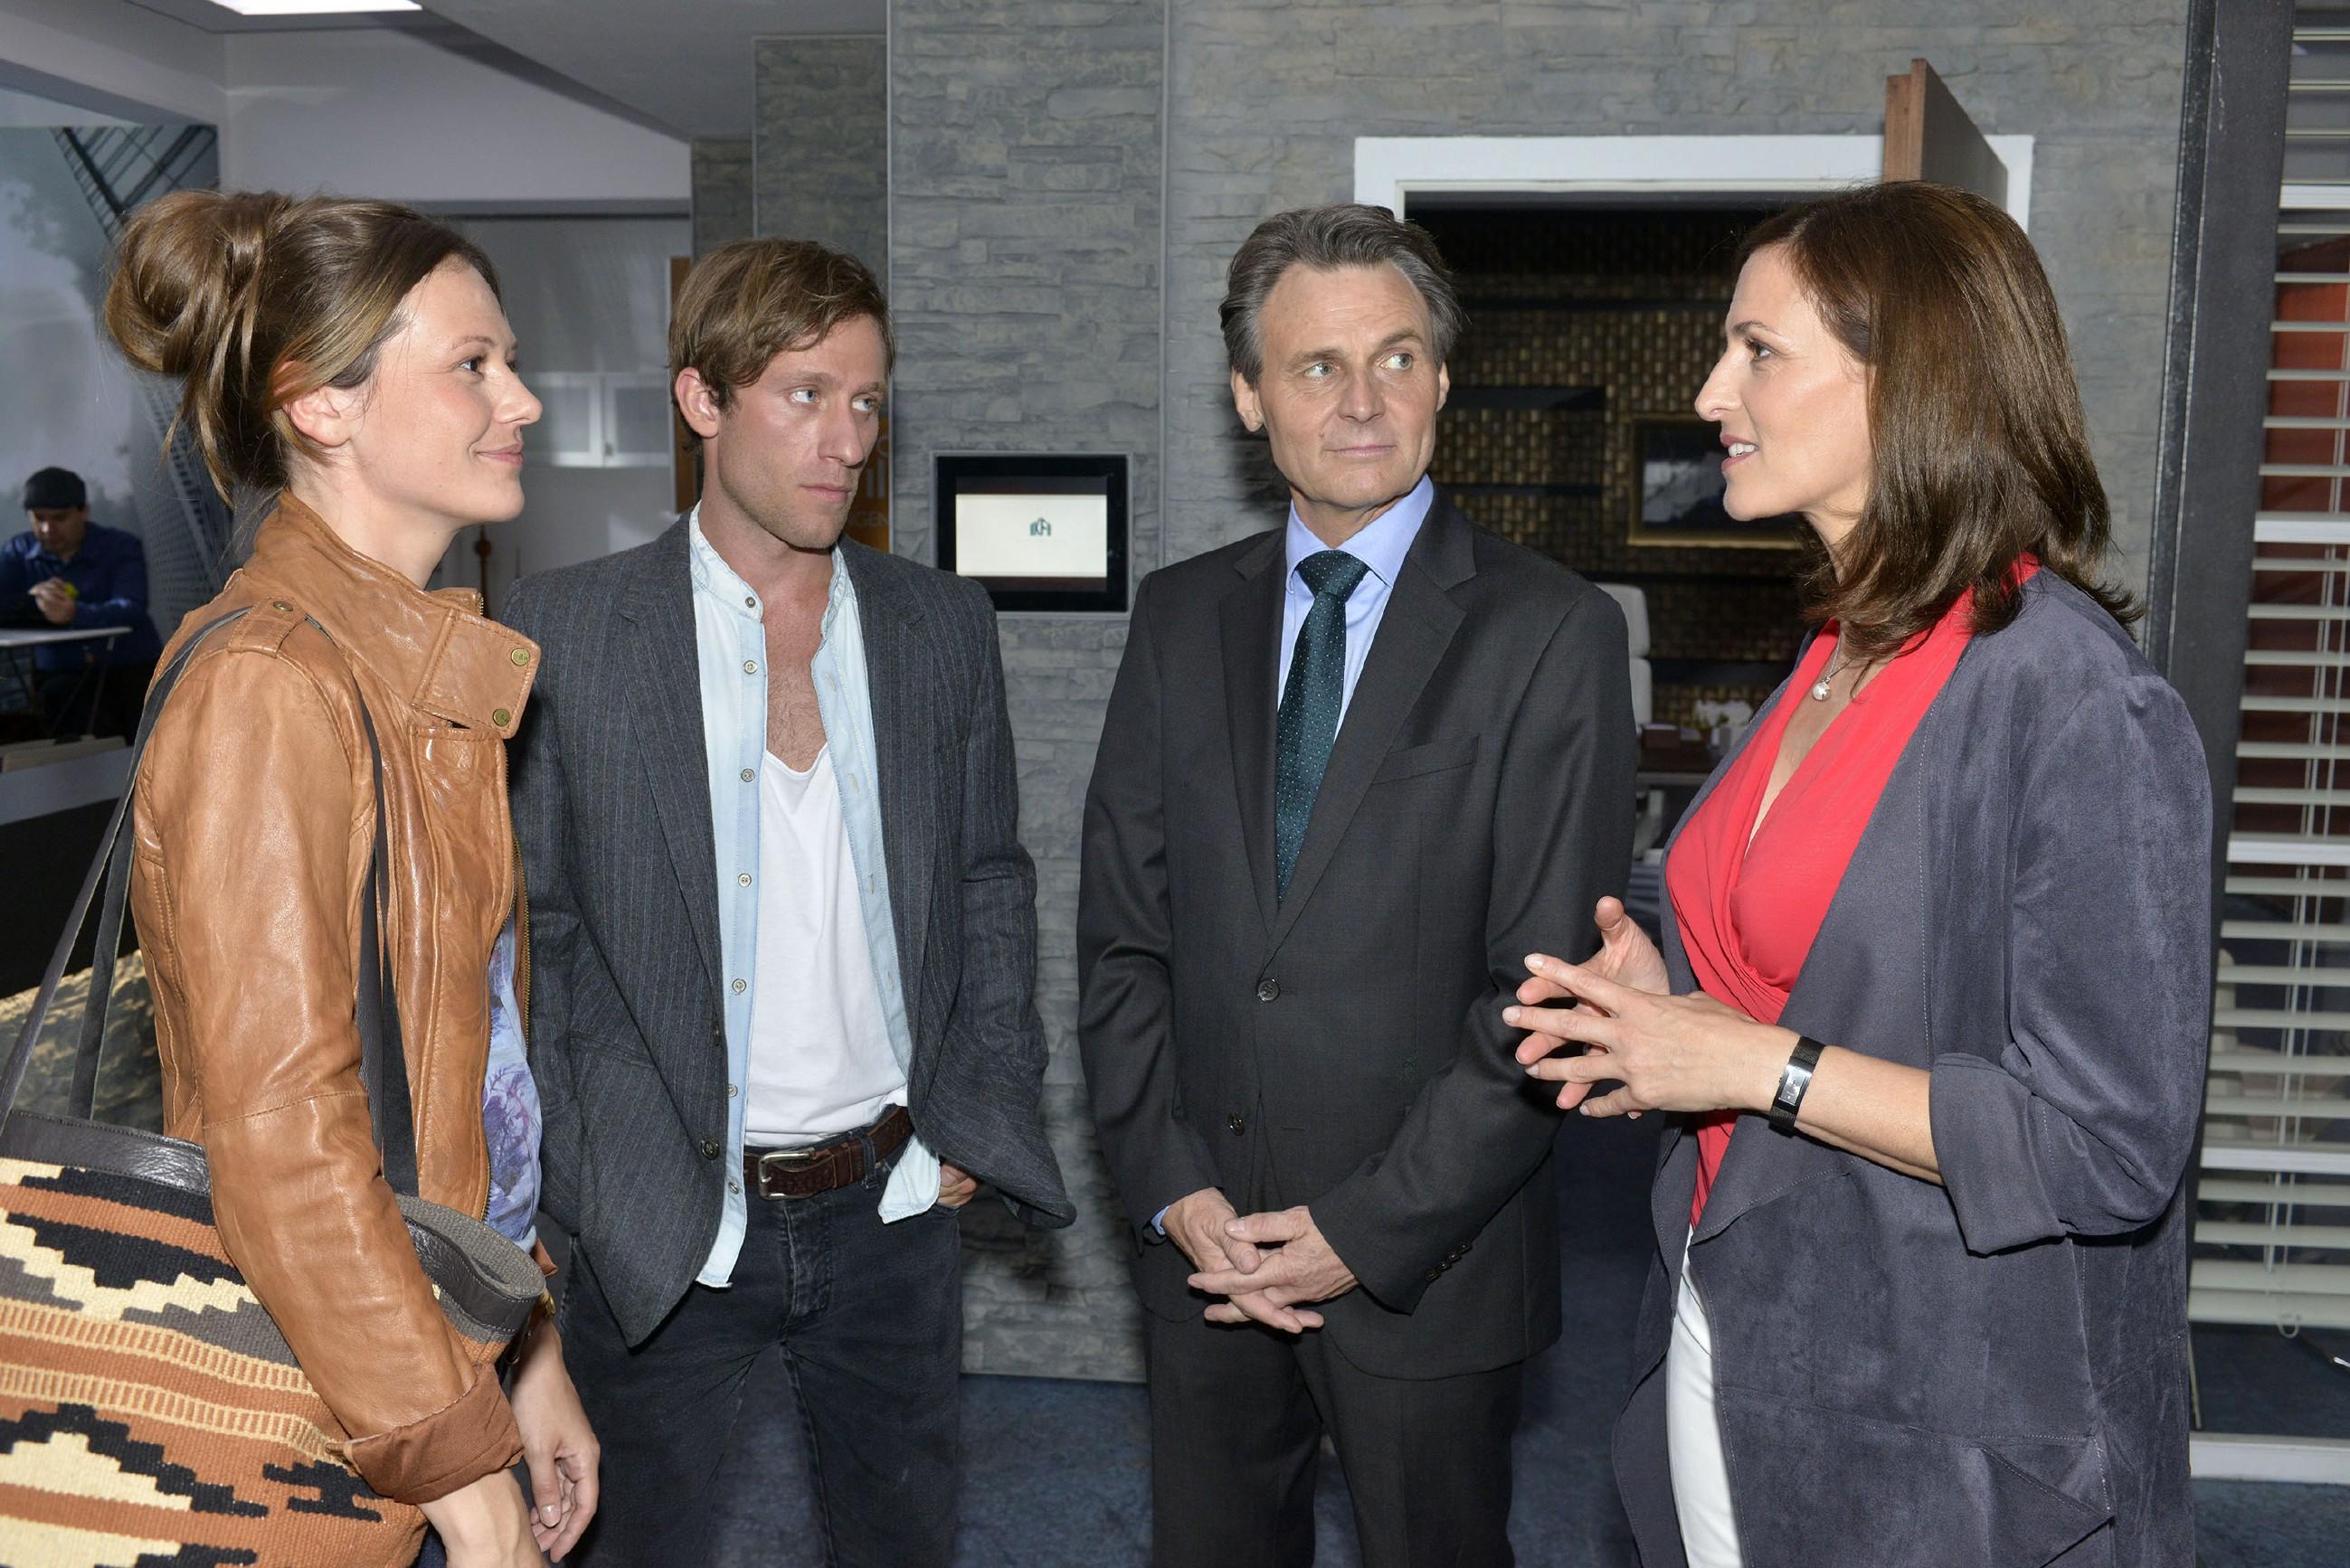 Katrin (Ulrike Frank, r.) wird von Gerner (Wolfgang Bahro, 2.v.r.) zu einem Geschäftstermin mit Sarah (Katja Sieder) und Bommel (Merlin Leonhardt) verdonnert. (Quelle: RTL / Rolf Baumgartner)